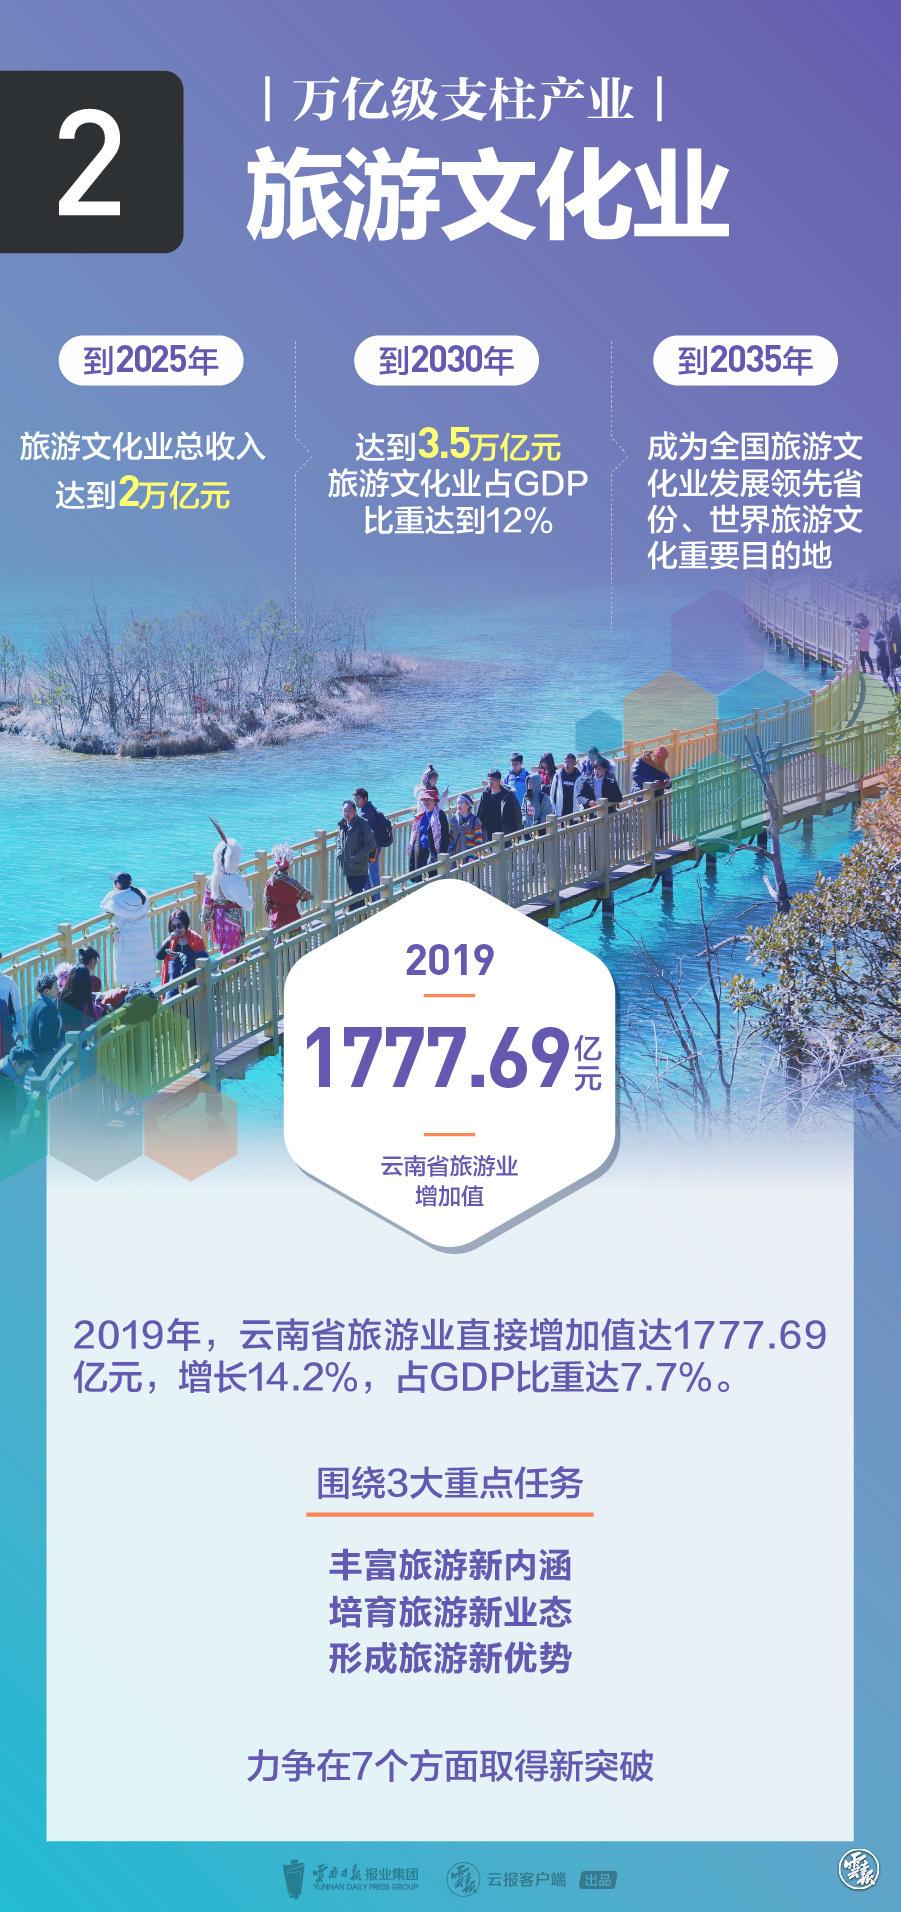 2 旅游文化业.jpg